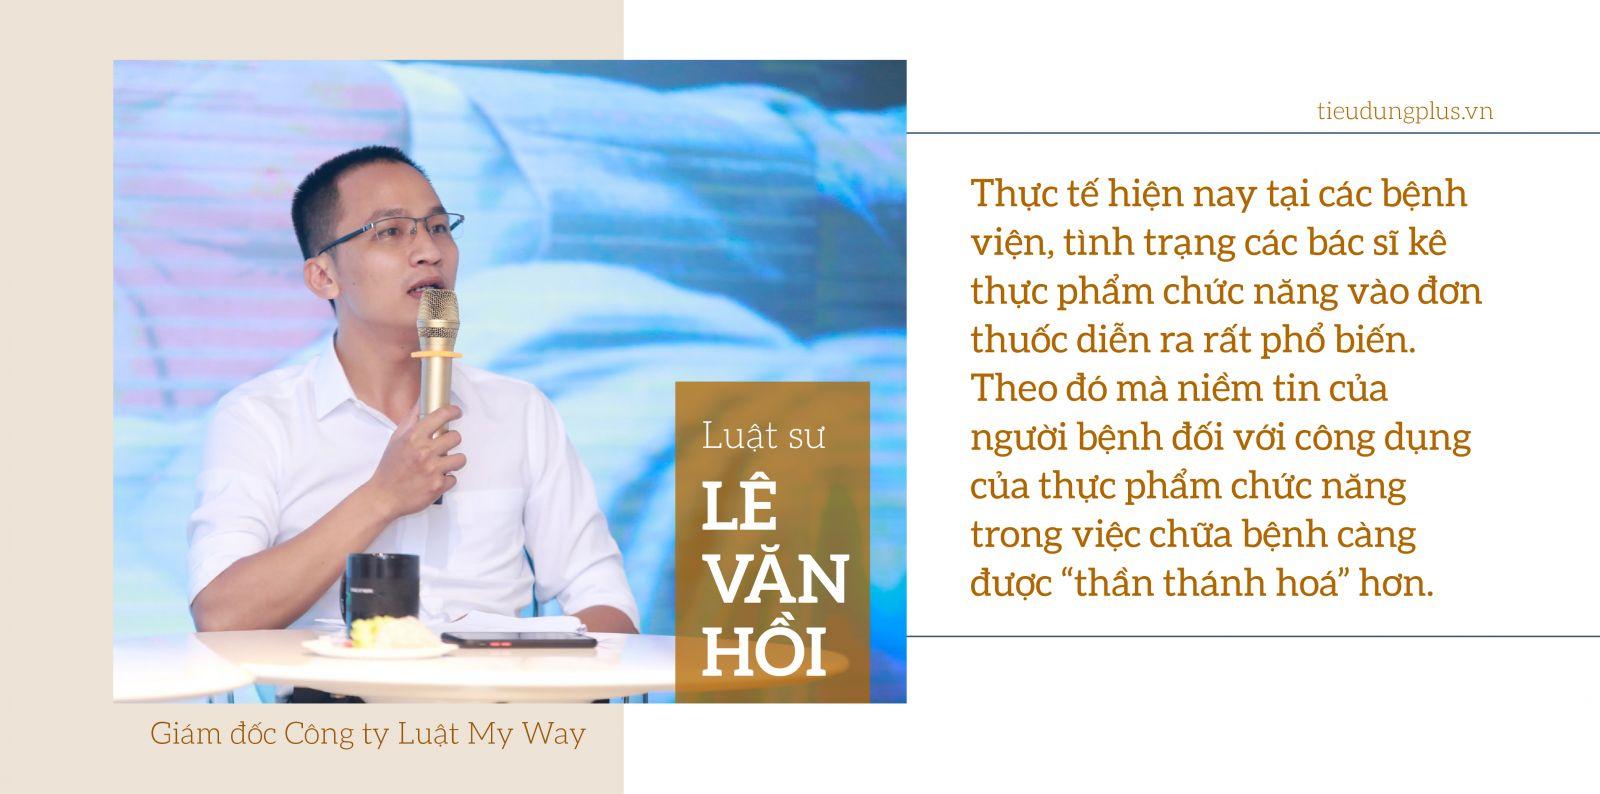 Luật sư Lê Văn Hồi, Giám đốc Công ty Luật My Way